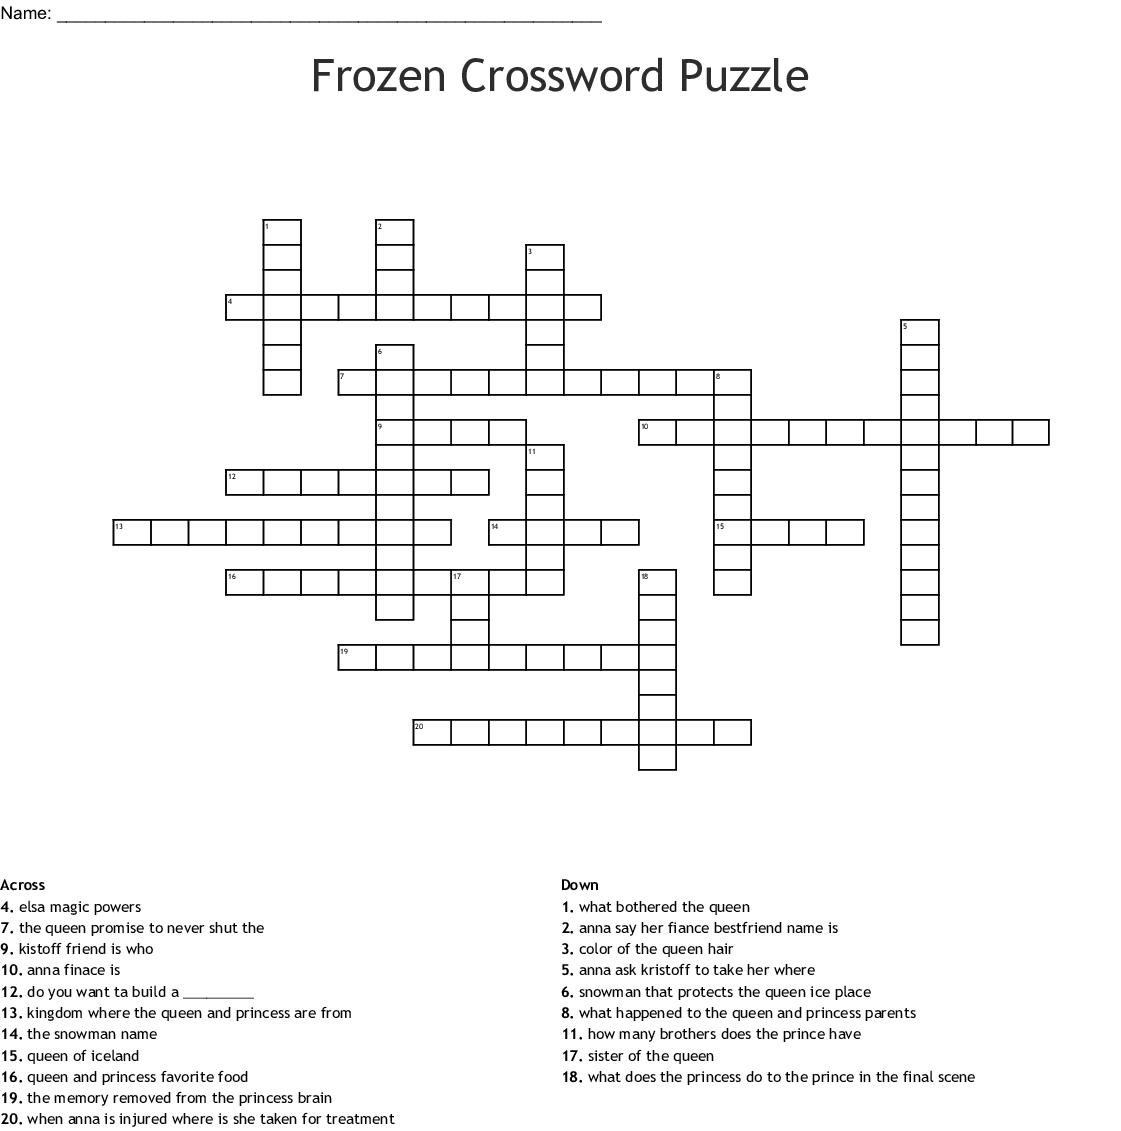 Frozen Crossword Puzzle